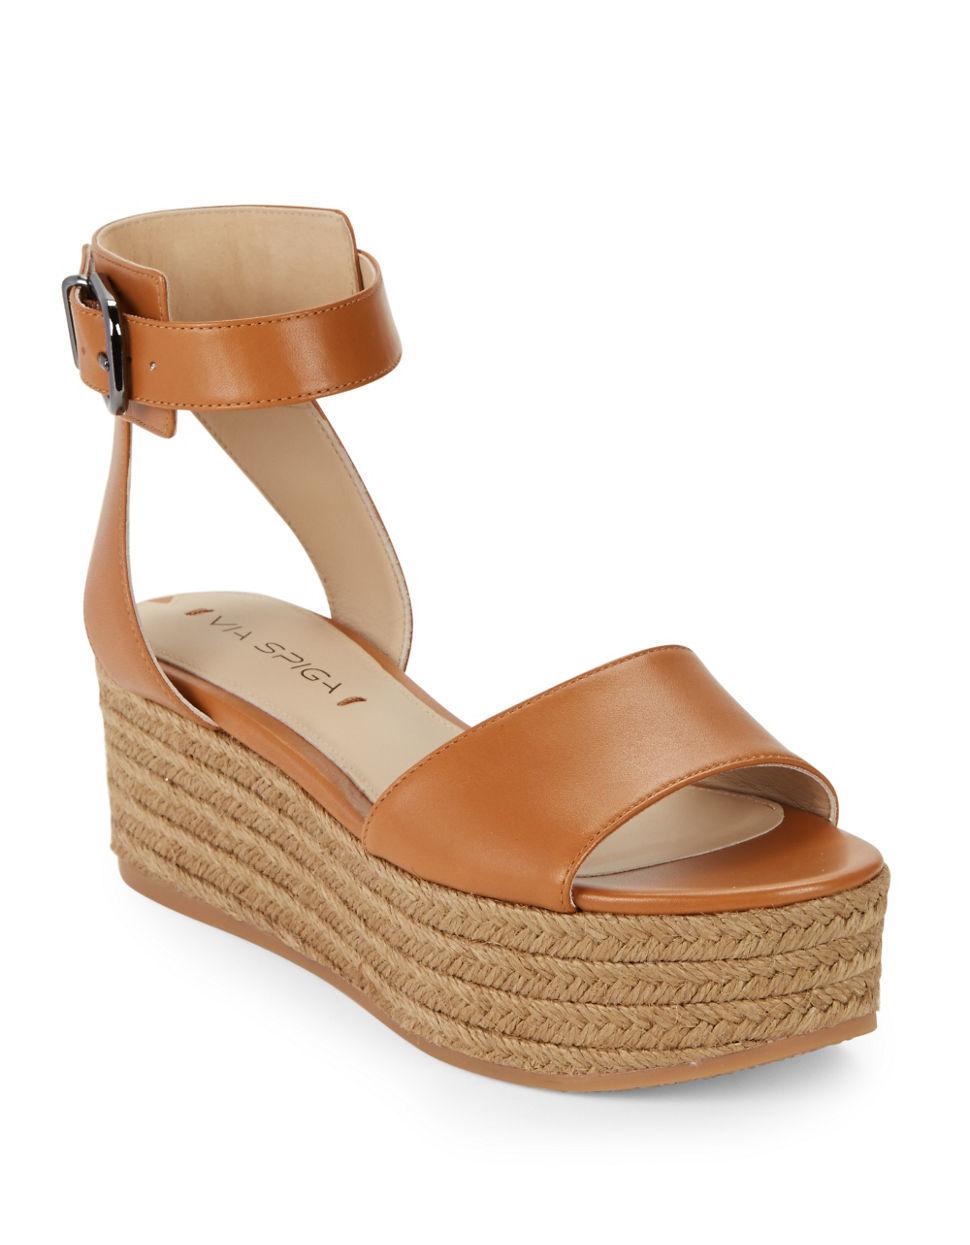 Celine Slip On Shoes